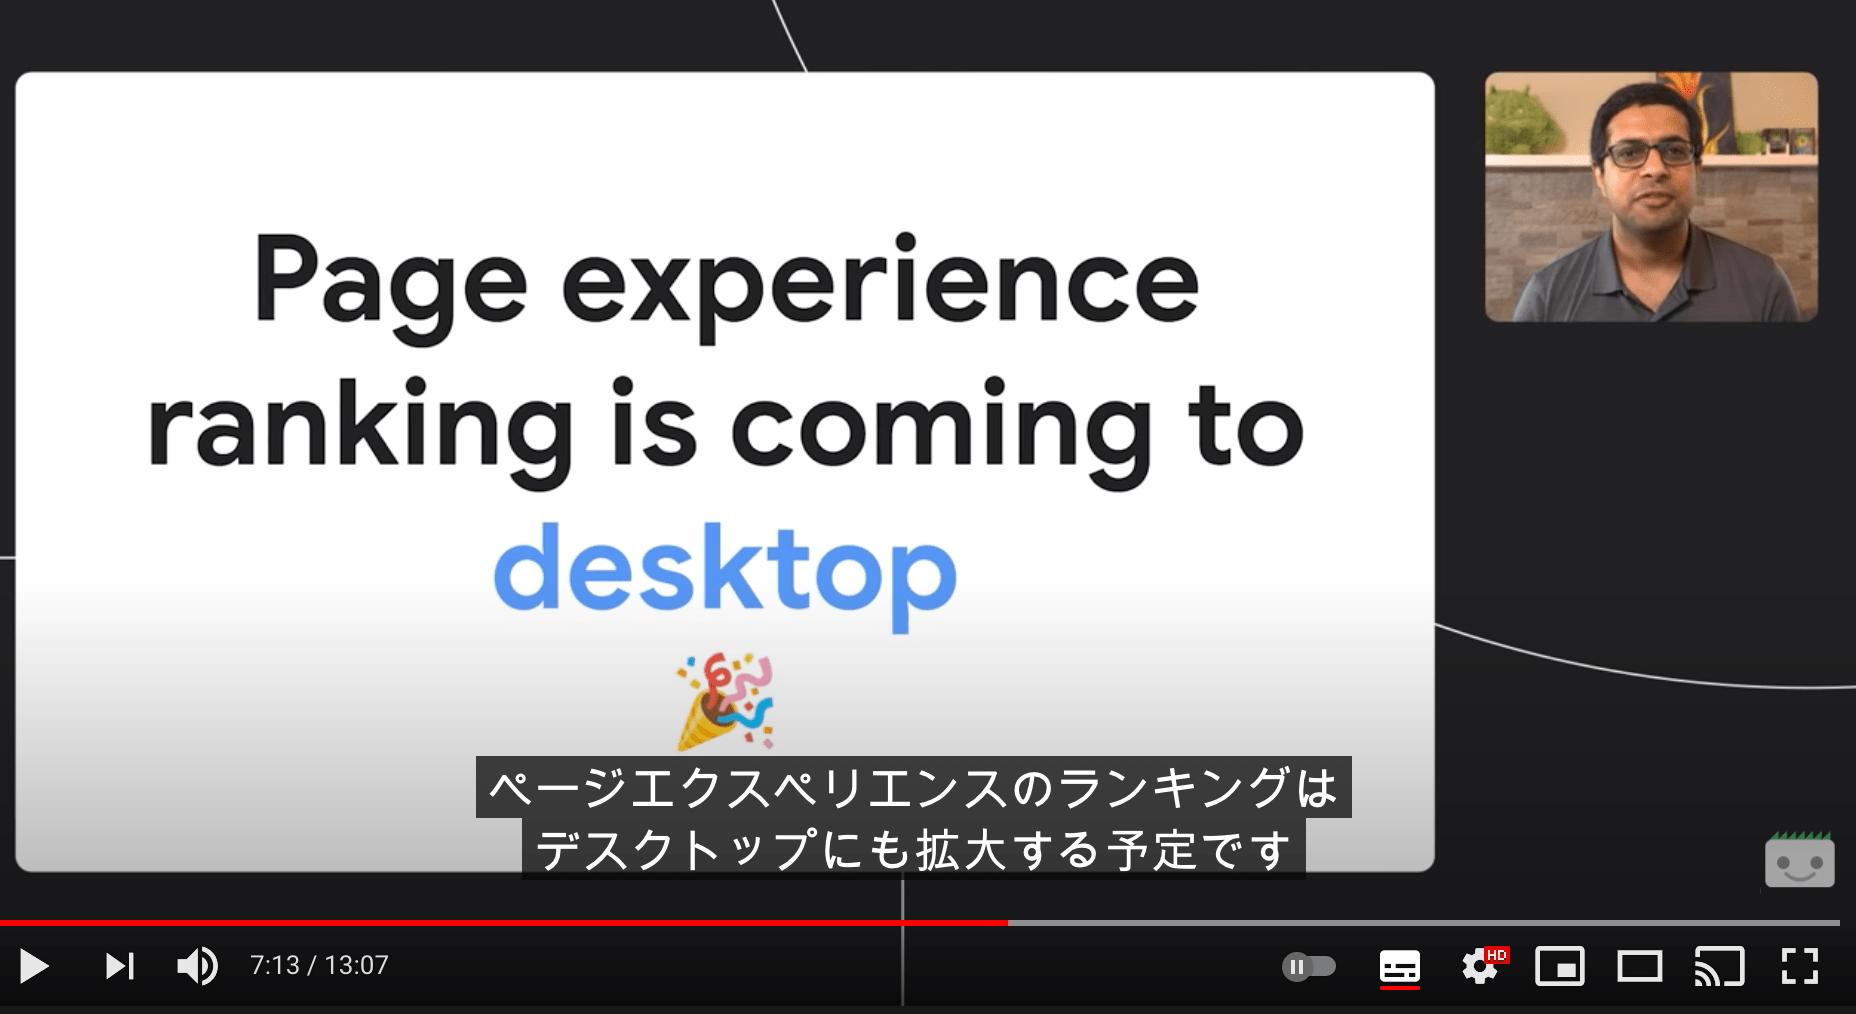 ページ エクスペリエンスのランキングはデスクトップにも拡大する予定です